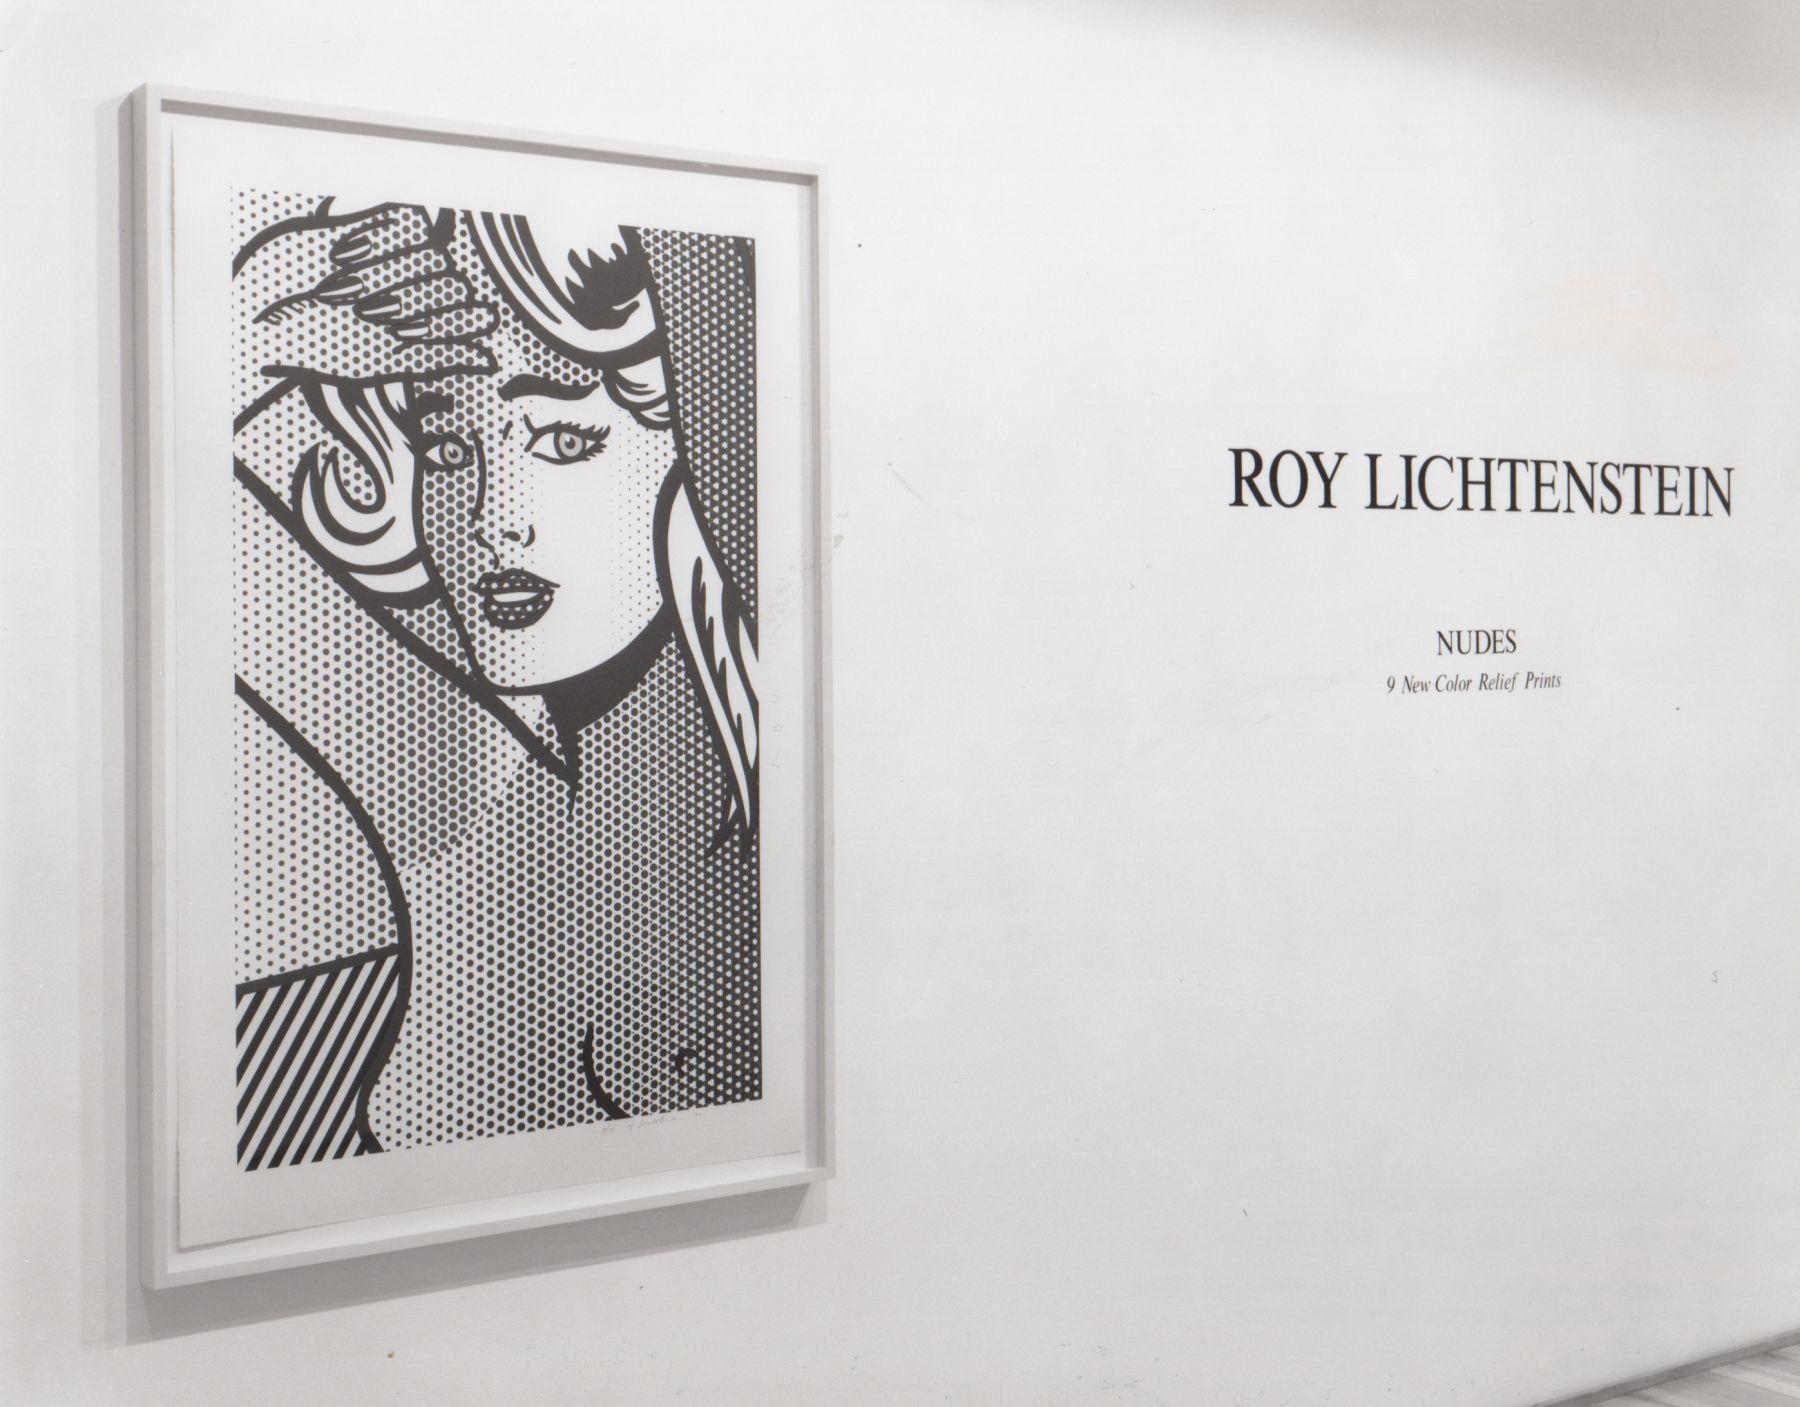 Installation view, Roy Lichtenstein: Nudes, 9 Color Relief Prints, 578 BROADWAY